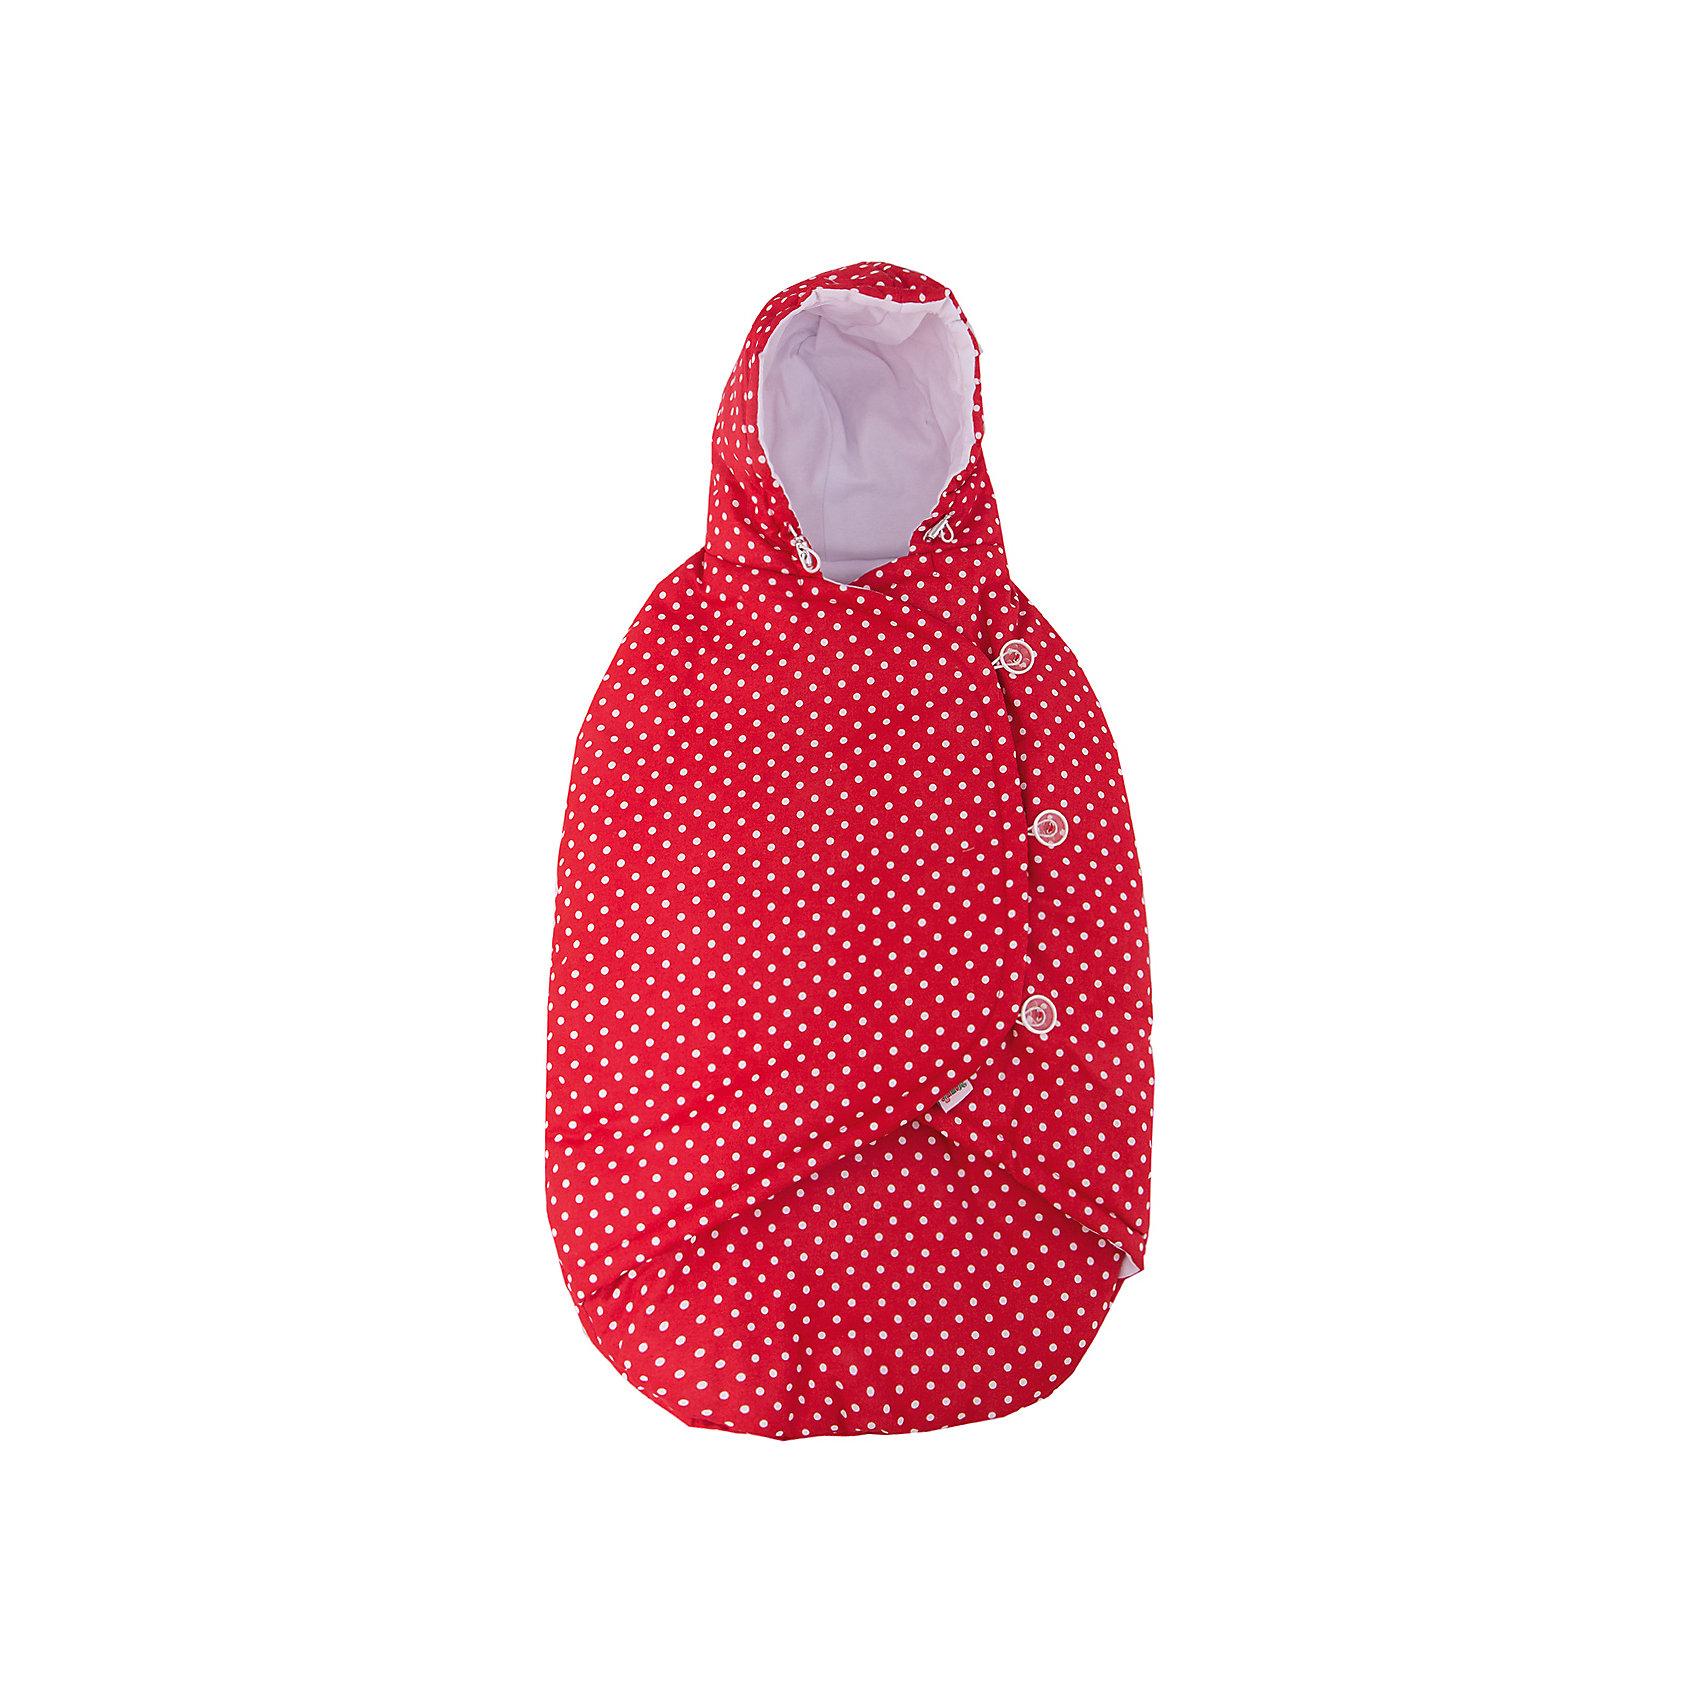 Конверт-кокон демисезон, Mammie, красный горошекДемисезонные конверты<br>Конверт-кокон  демисезон, Mammie, красный горошек.<br><br>Характеристики:<br><br>• Для детей с рождения до 6 месяцев<br>• Температурный диапазон: от -15°С до +15°С.<br>• Размер изделия: 80х40 см.<br>• Цвет: красный в белый горошек<br>• Материал верха: 100% хлопок<br>• Материал утеплителя: Alpolux 150 г/м?<br>• Материал подкладки: интерлок (100% хлопок)<br>• Материал кармана для ног: Alpolux 200 г/м?<br>• Уход: машинная стирка при 40 °С<br><br>Демисезонный конверт-кокон от бренда Mammie - идеальный вариант для выписки из роддома, поездок и путешествий с малышом в автолюльке. Его уникальная конструкция предусматривает удобные прорези под ремни безопасности, что позволяет, не потревожив кроху, надежно зафиксировать его в автокресле. Малыша можно пристегнуть как внутри, так и поверх конверта. Кроме того, эту модель можно использовать и как обычный конверт для коляски, так как прорези спрятаны под полами, что исключает доступ холодного воздуха внутрь кокона. Удобный капюшон утягивается с помощью специальных завязок. Кармашек для ног застегивается с обеих сторон на молнии. Полы конверта закрываются одна поверх другой. Для того, чтобы не побеспокоить ребенка во время сна, на изделии в качестве застежек предусмотрены пуговки, что позволяет бесшумно застегнуть и расстегнуть конверт. Утеплитель премиум класса Alpolux сочетает в себе натуральную шерсть мериноса и специальные микроволокна, которые помогают поддержать оптимальную для новорождённого температуру: малышу будет тепло на улице и в тоже время комфортно в помещении.<br><br>Конверт-кокон  демисезон, Mammie, красный горошек можно купить в нашем интернет-магазине.<br><br>Ширина мм: 200<br>Глубина мм: 300<br>Высота мм: 50<br>Вес г: 100<br>Возраст от месяцев: 0<br>Возраст до месяцев: 12<br>Пол: Унисекс<br>Возраст: Детский<br>SKU: 5613238